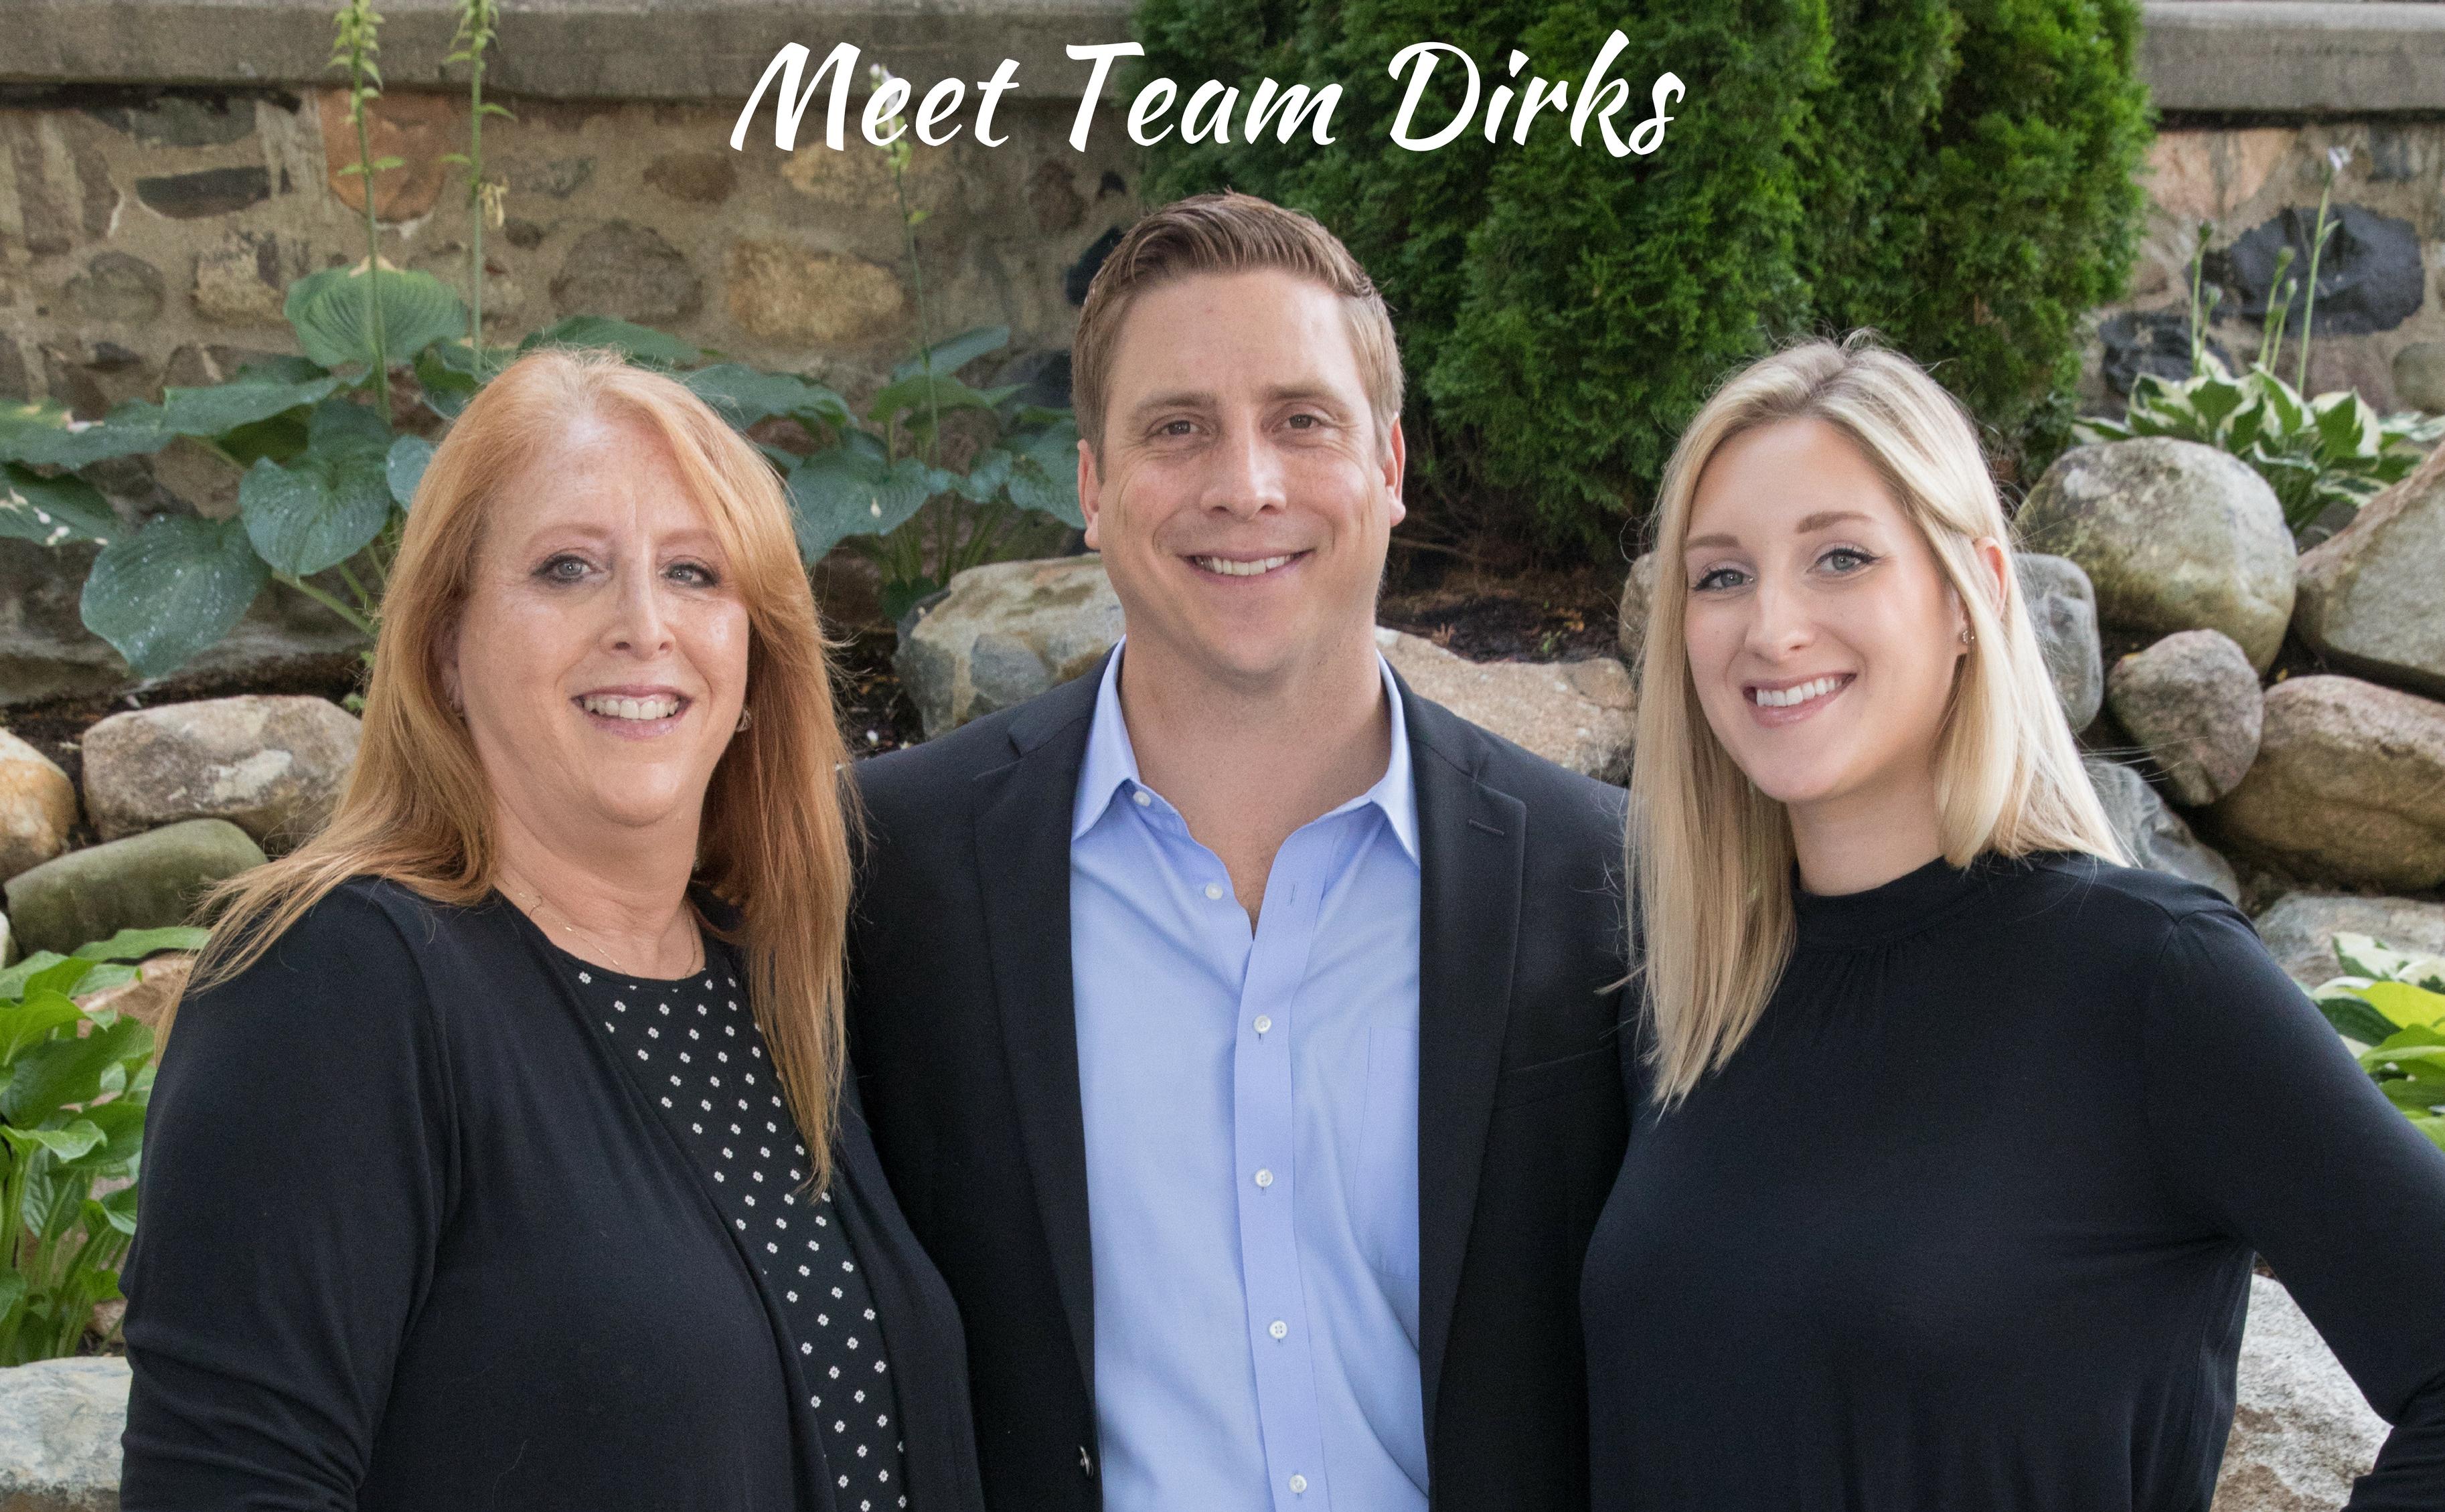 Meet Team Dirks